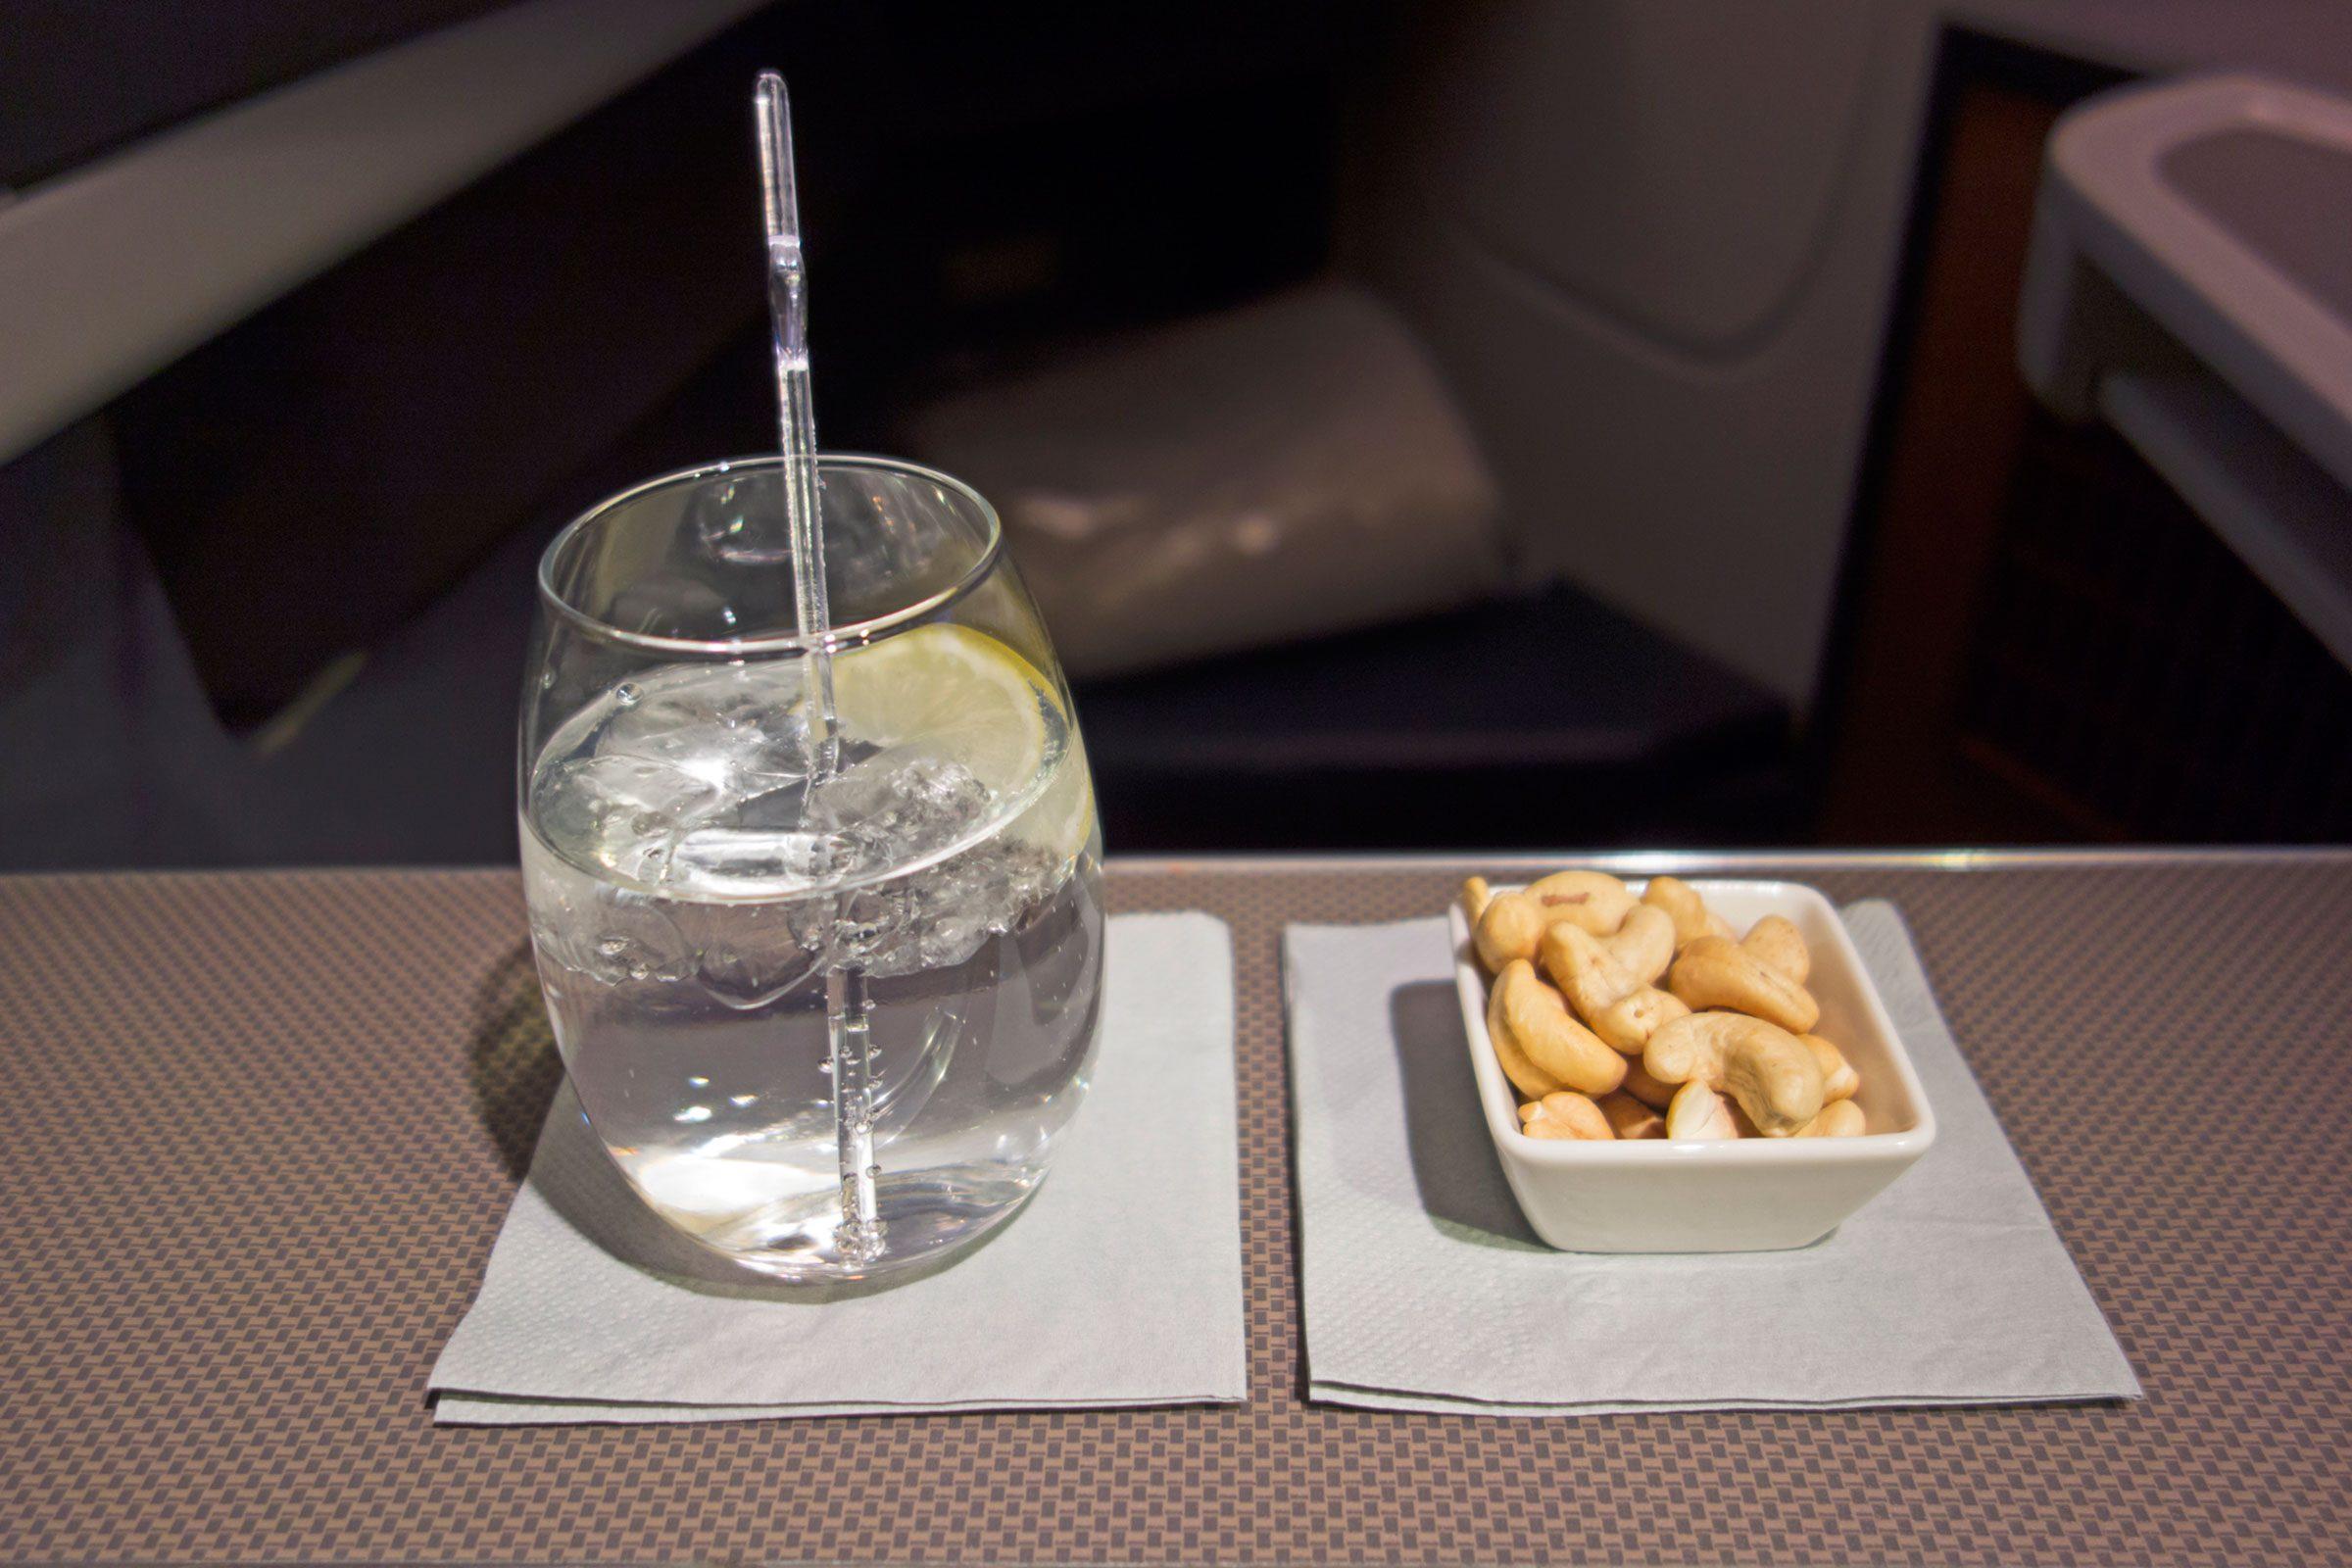 How to Sleep Well on an Airplane